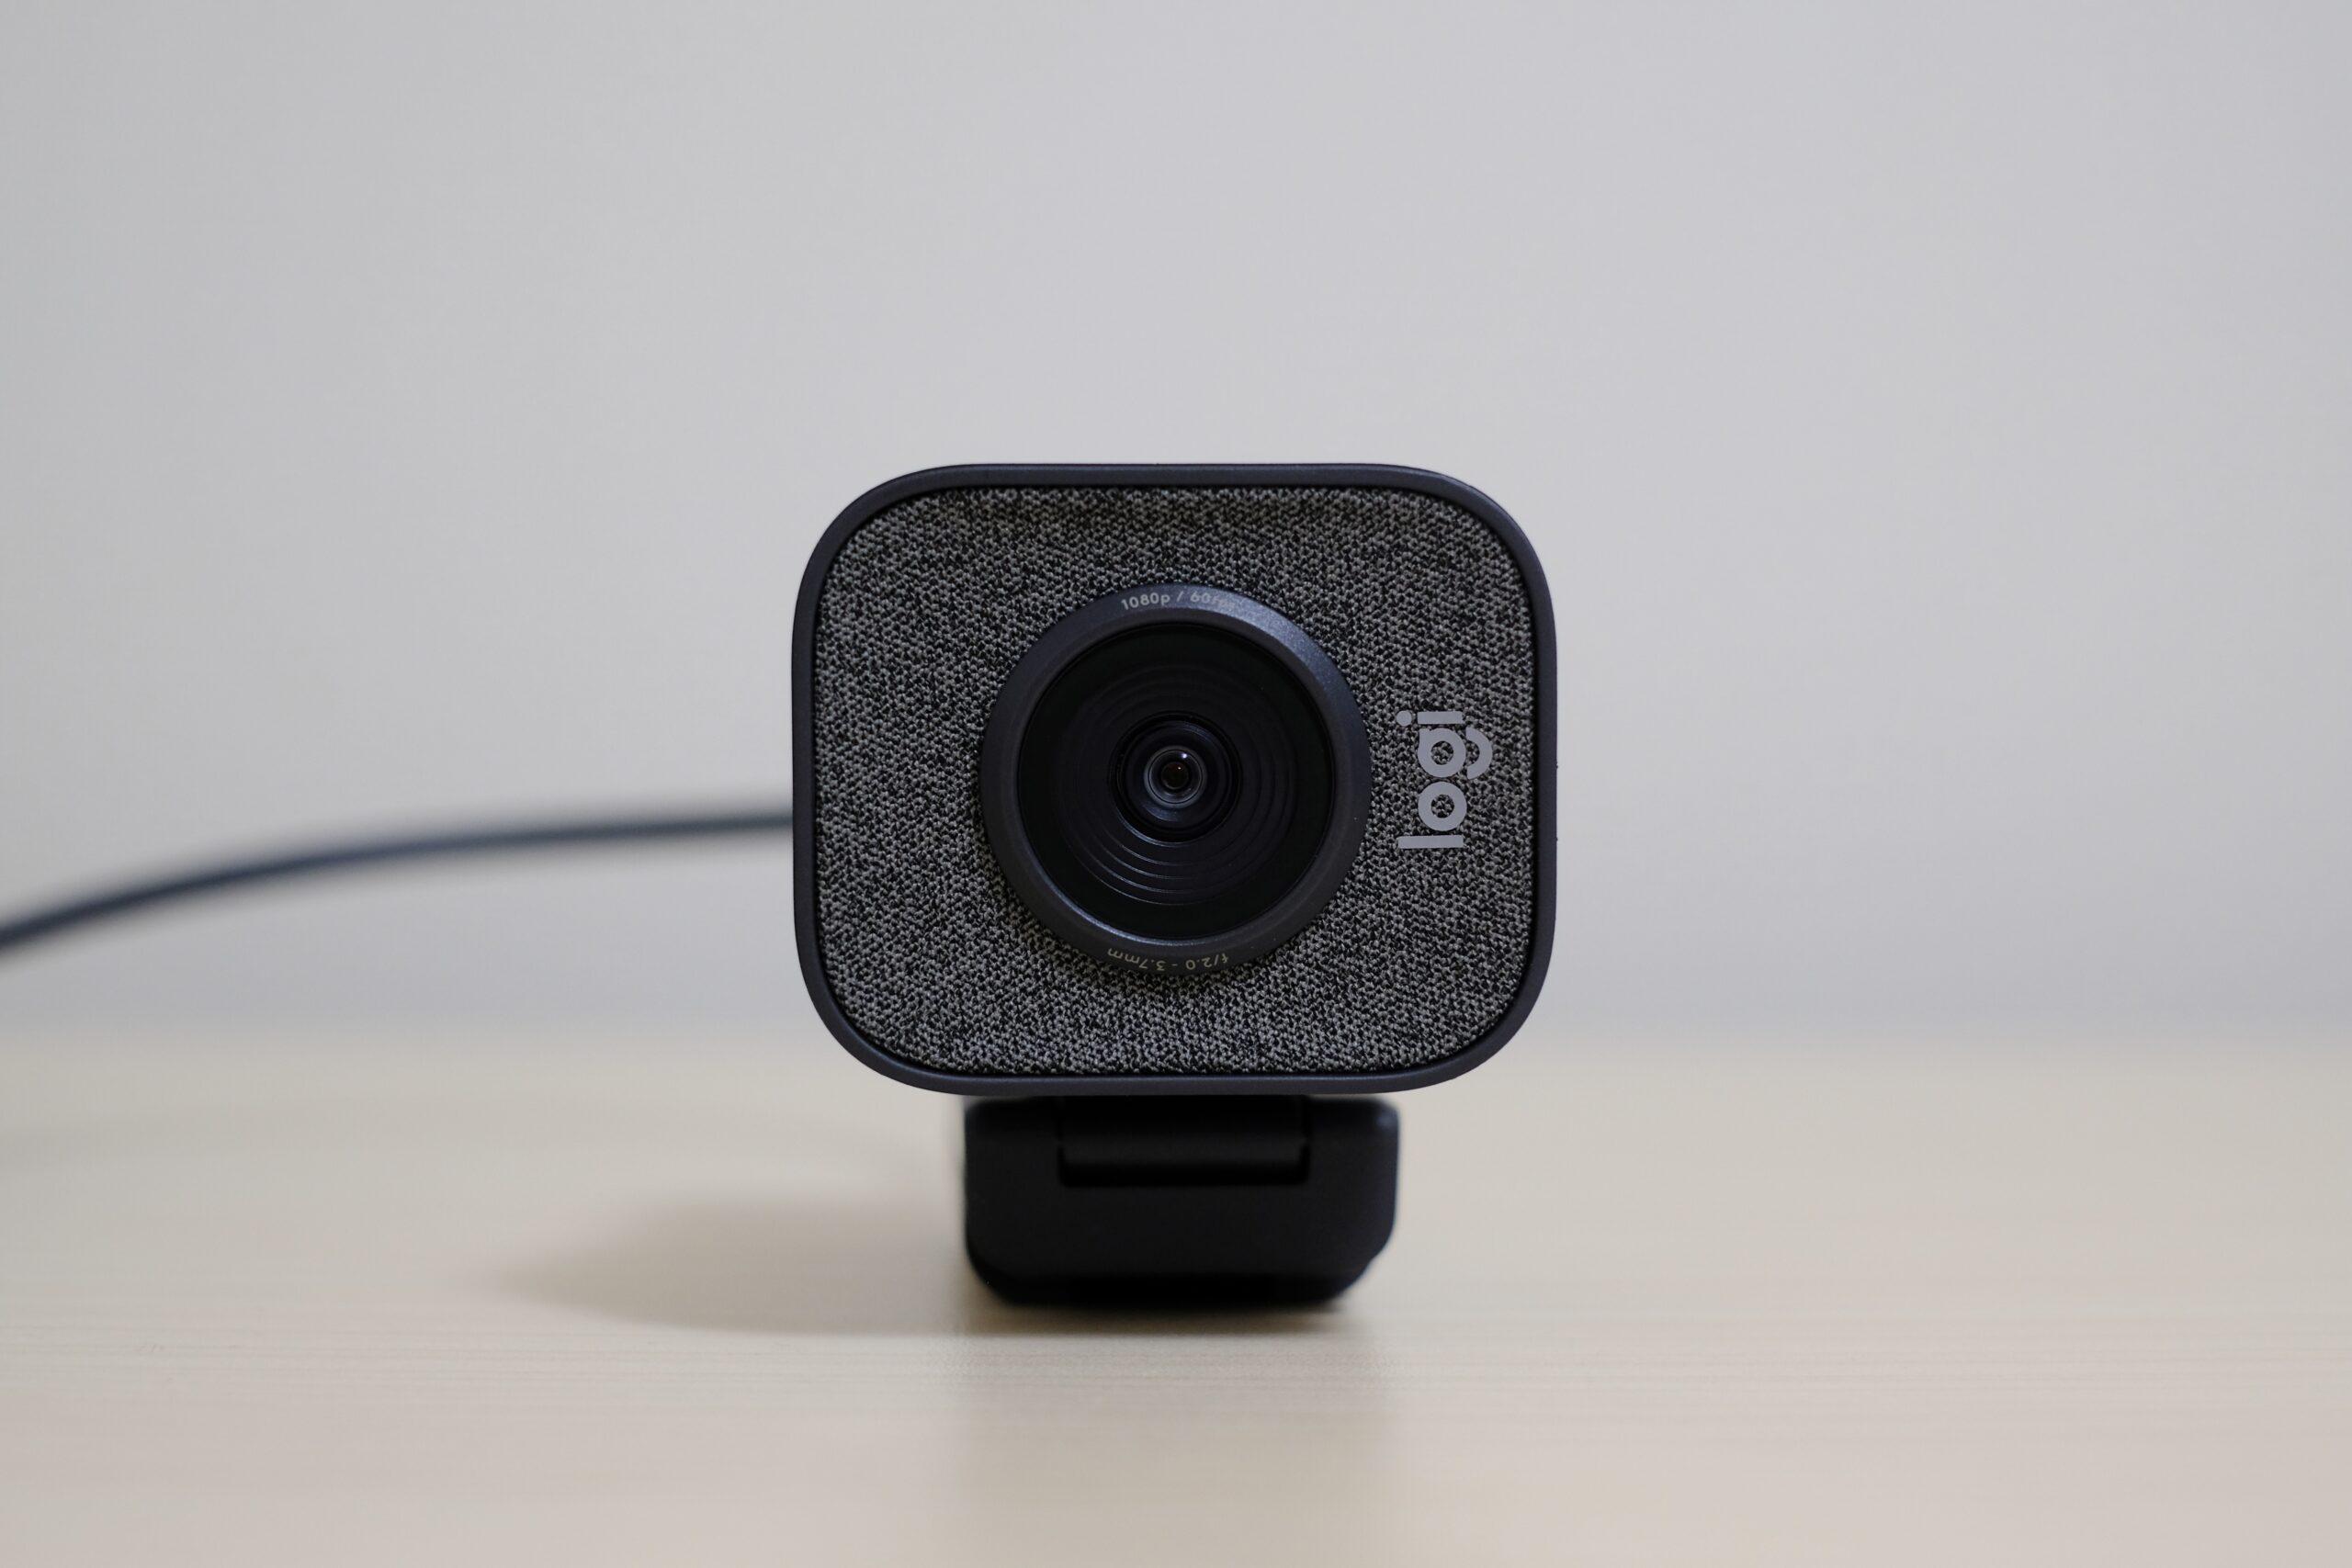 【Webカメラの最上位モデル】ロジクール StreamCam C980